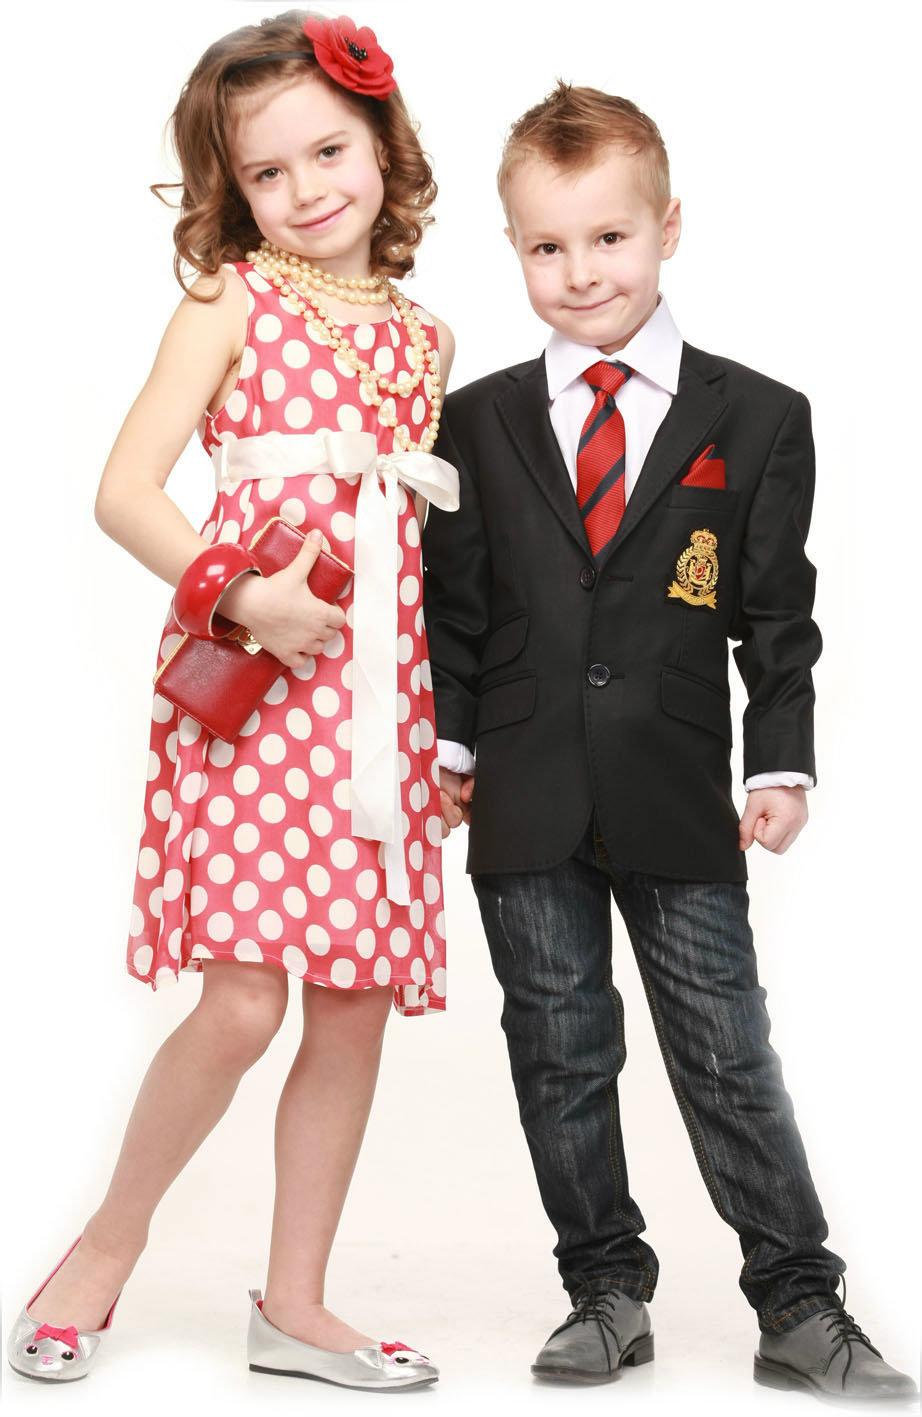 Модная брендовая одежда и обувь для маличиков и девочек. Коллекции одежды и обуви года для детей. Эксклюзивные европейские марки, VIP-обслуживание.